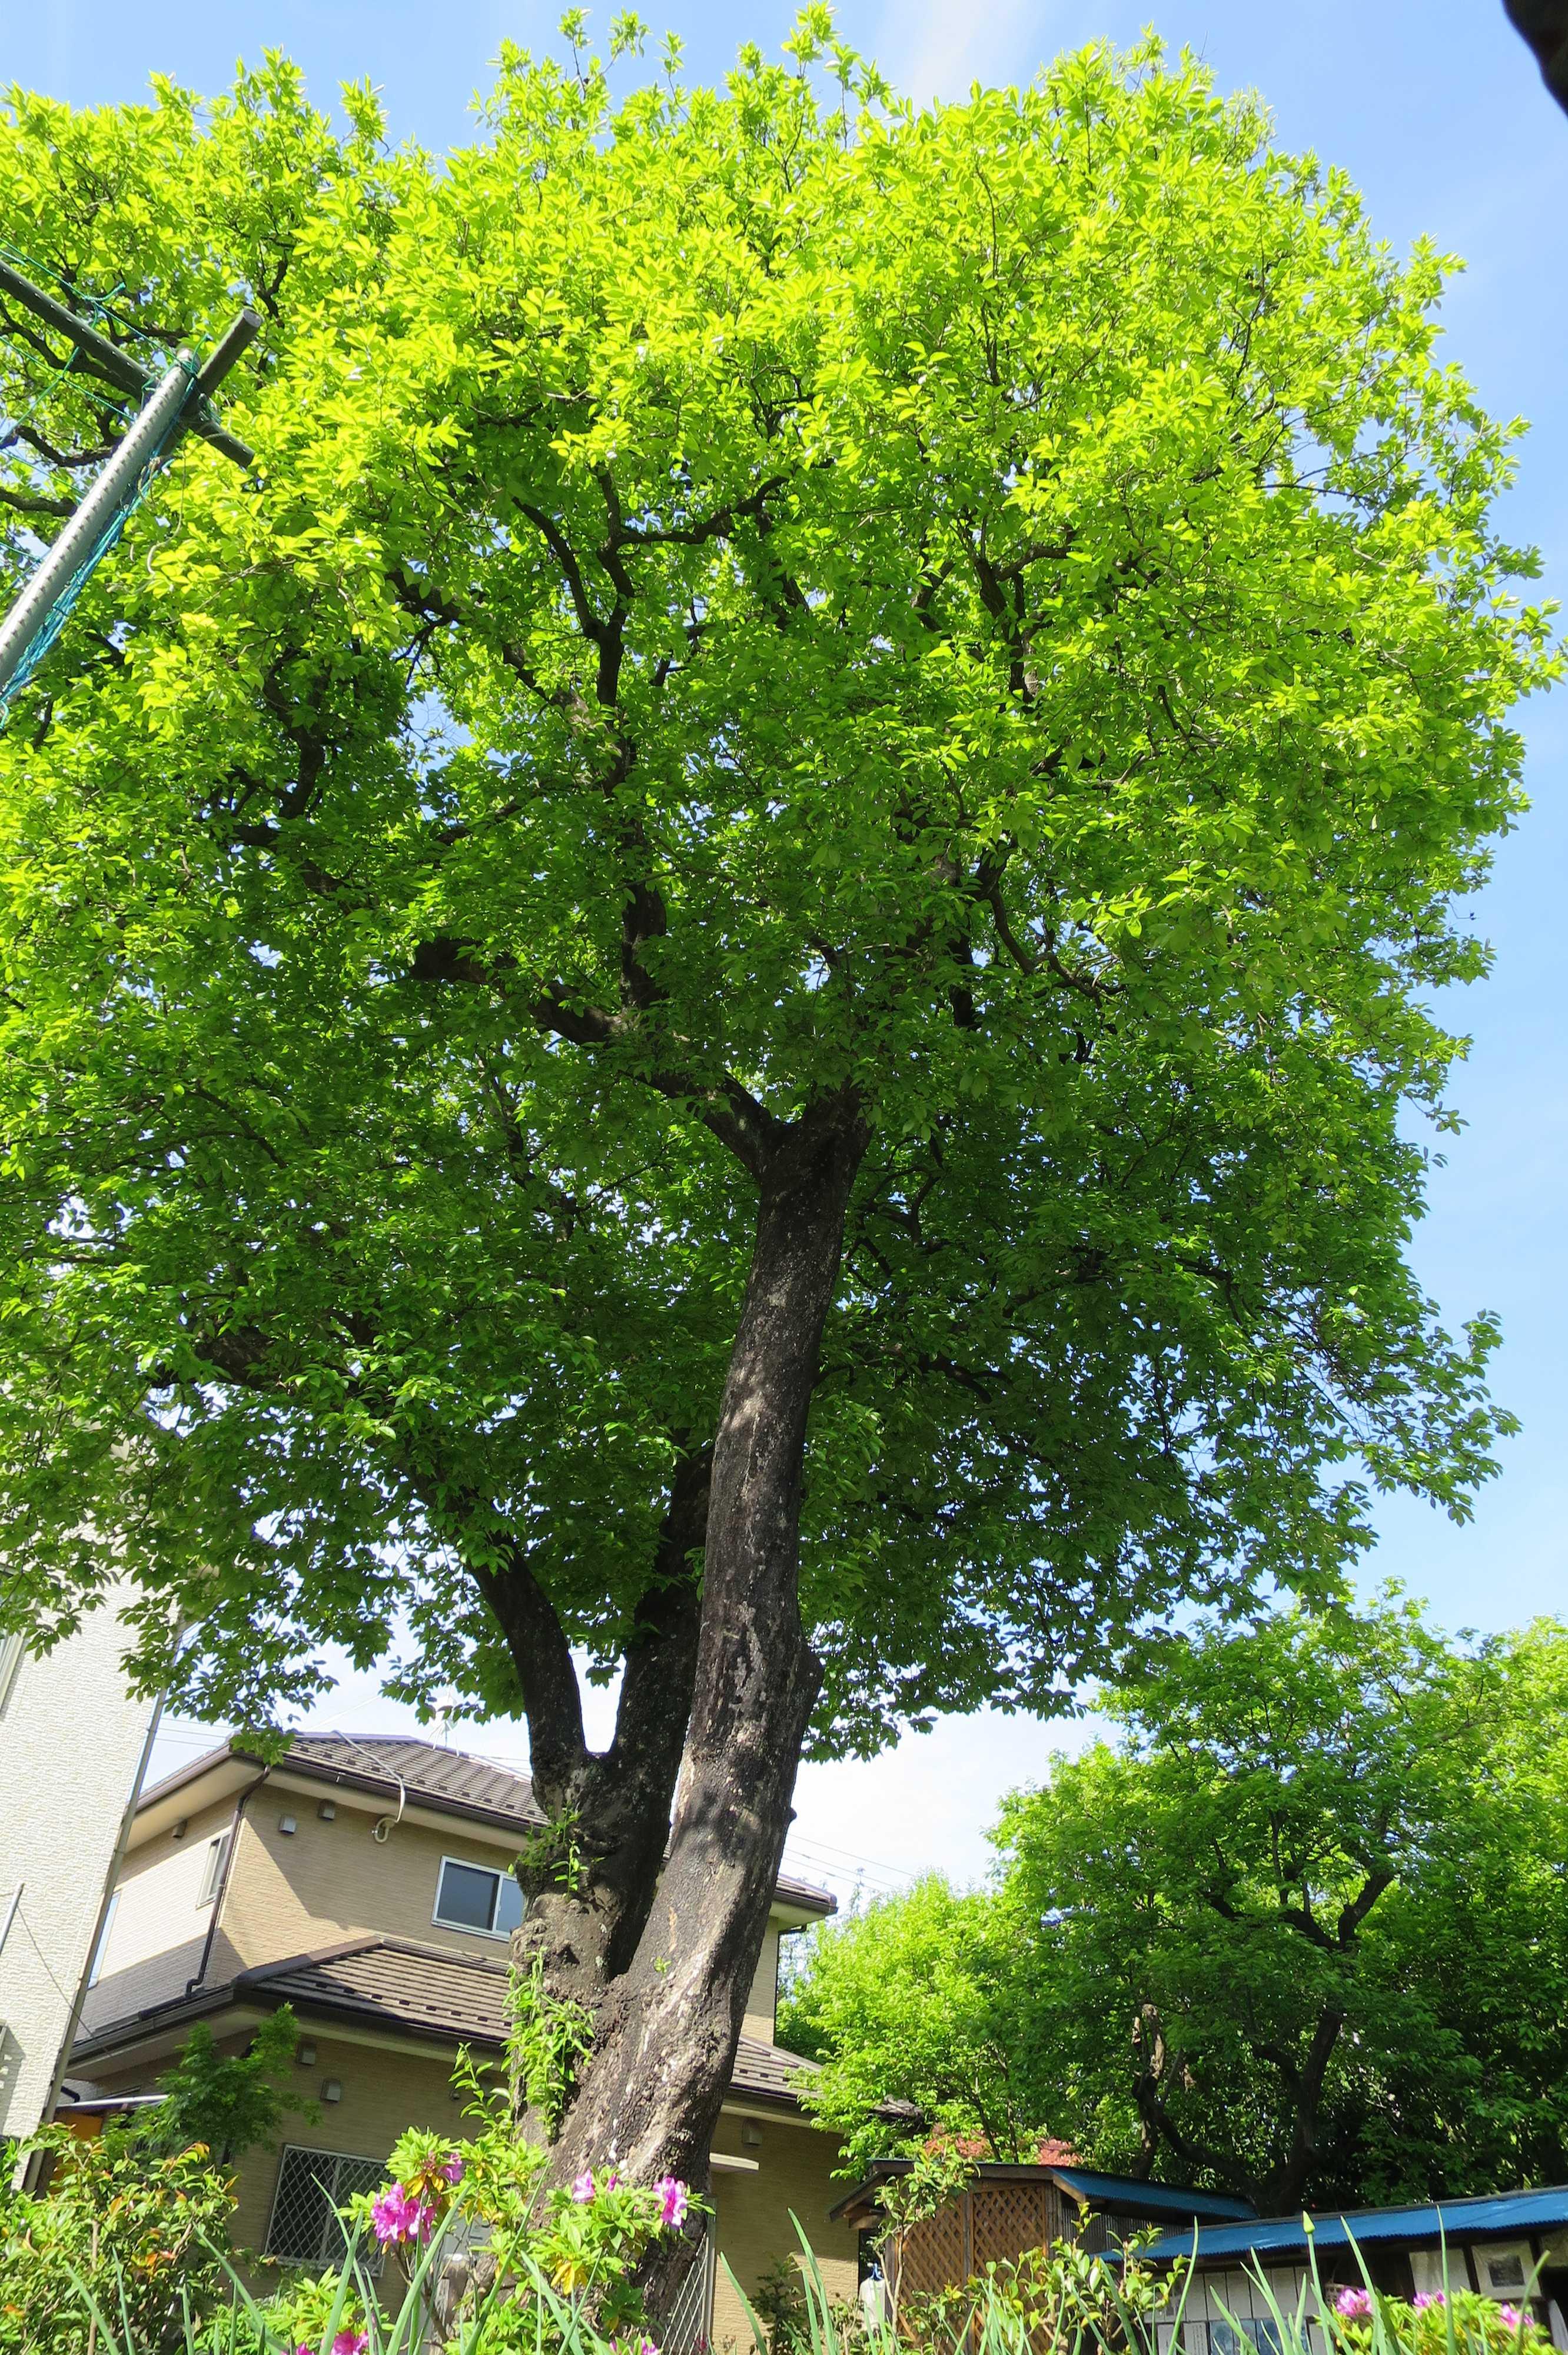 あざやかで強烈な緑色をした岡上の禅寺丸柿の木(カキノキ)